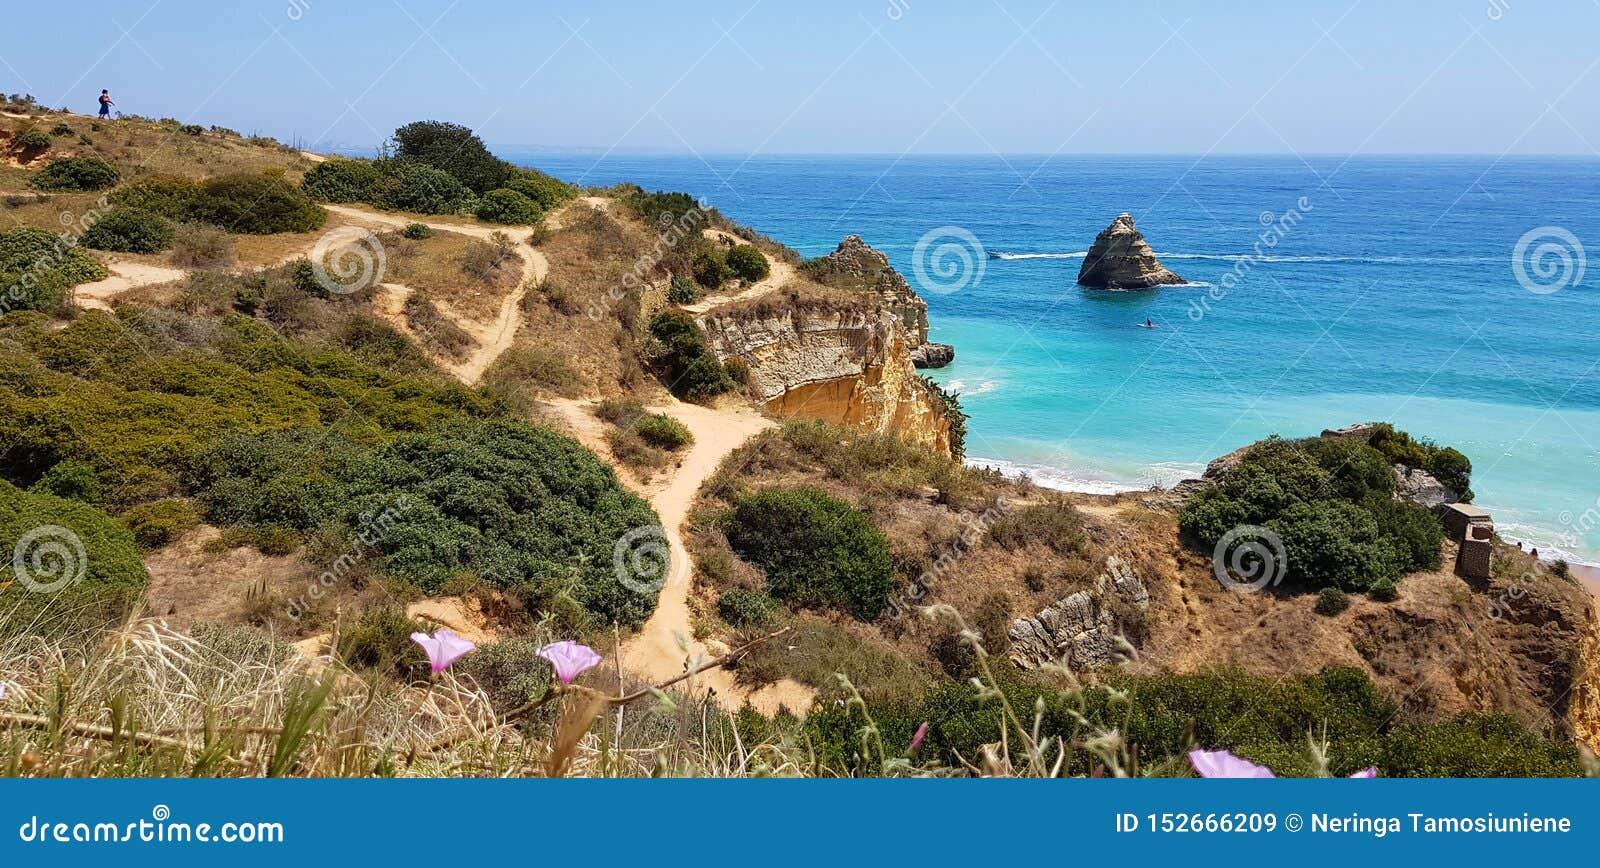 Paisagem bonita: caminhando trajetos em penhascos rochosos perto do Praia Dona Ana da praia, Lagos, Portugal